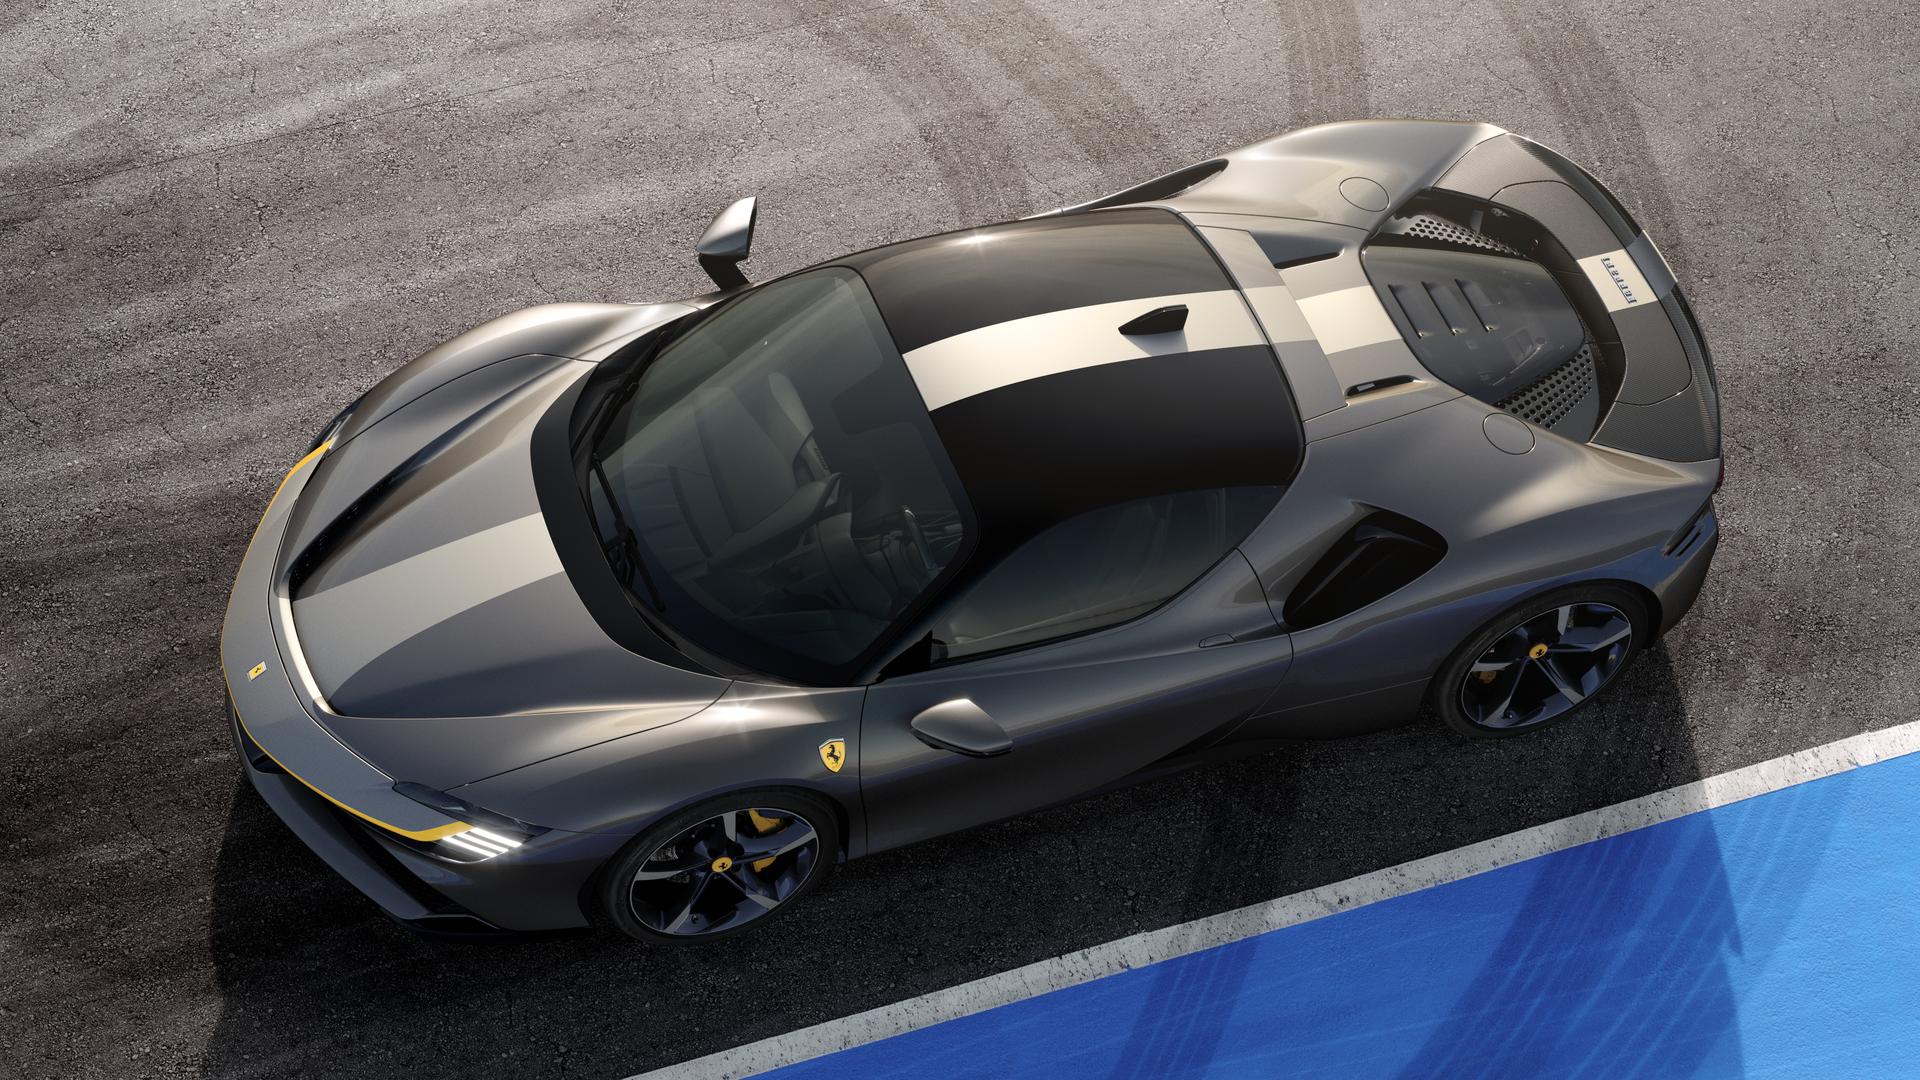 1920x1080 Ferrari SF90 Stradale Assetto Fiorano 2019 ...